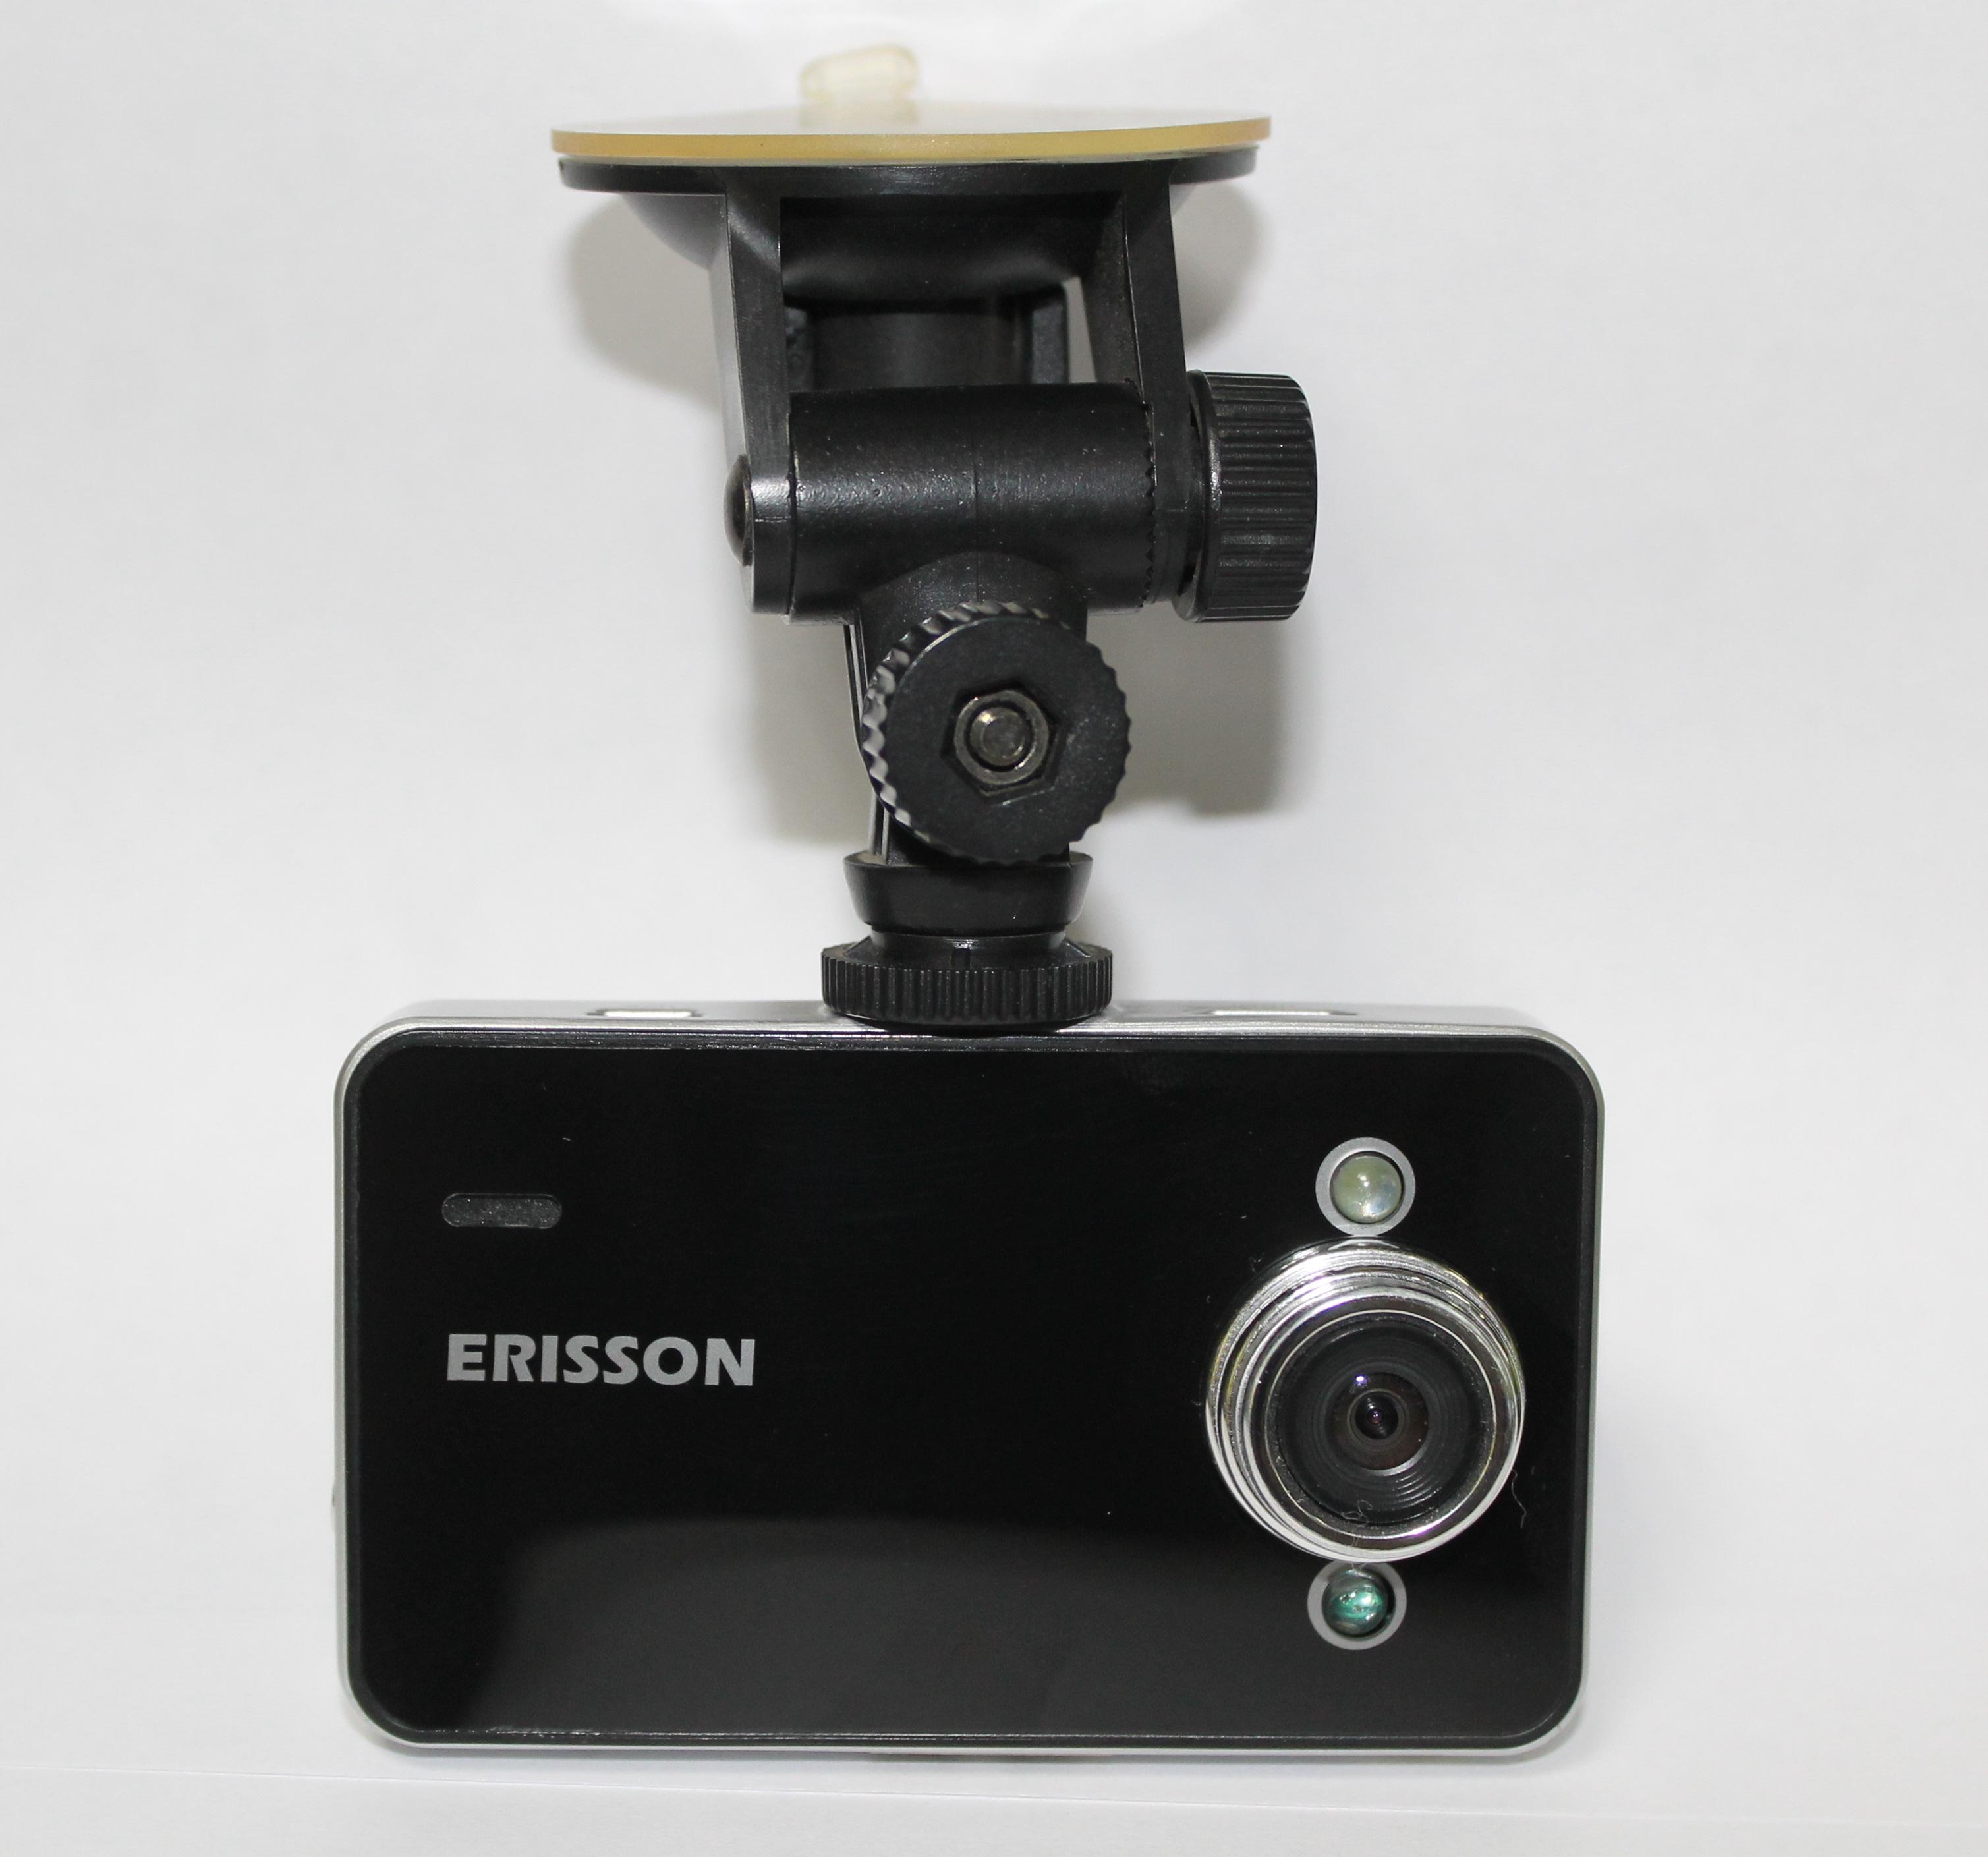 Видеорегистратор ERISSON VR-SF112,экран 1,5 HD качество,ночная съемка,датчик движения